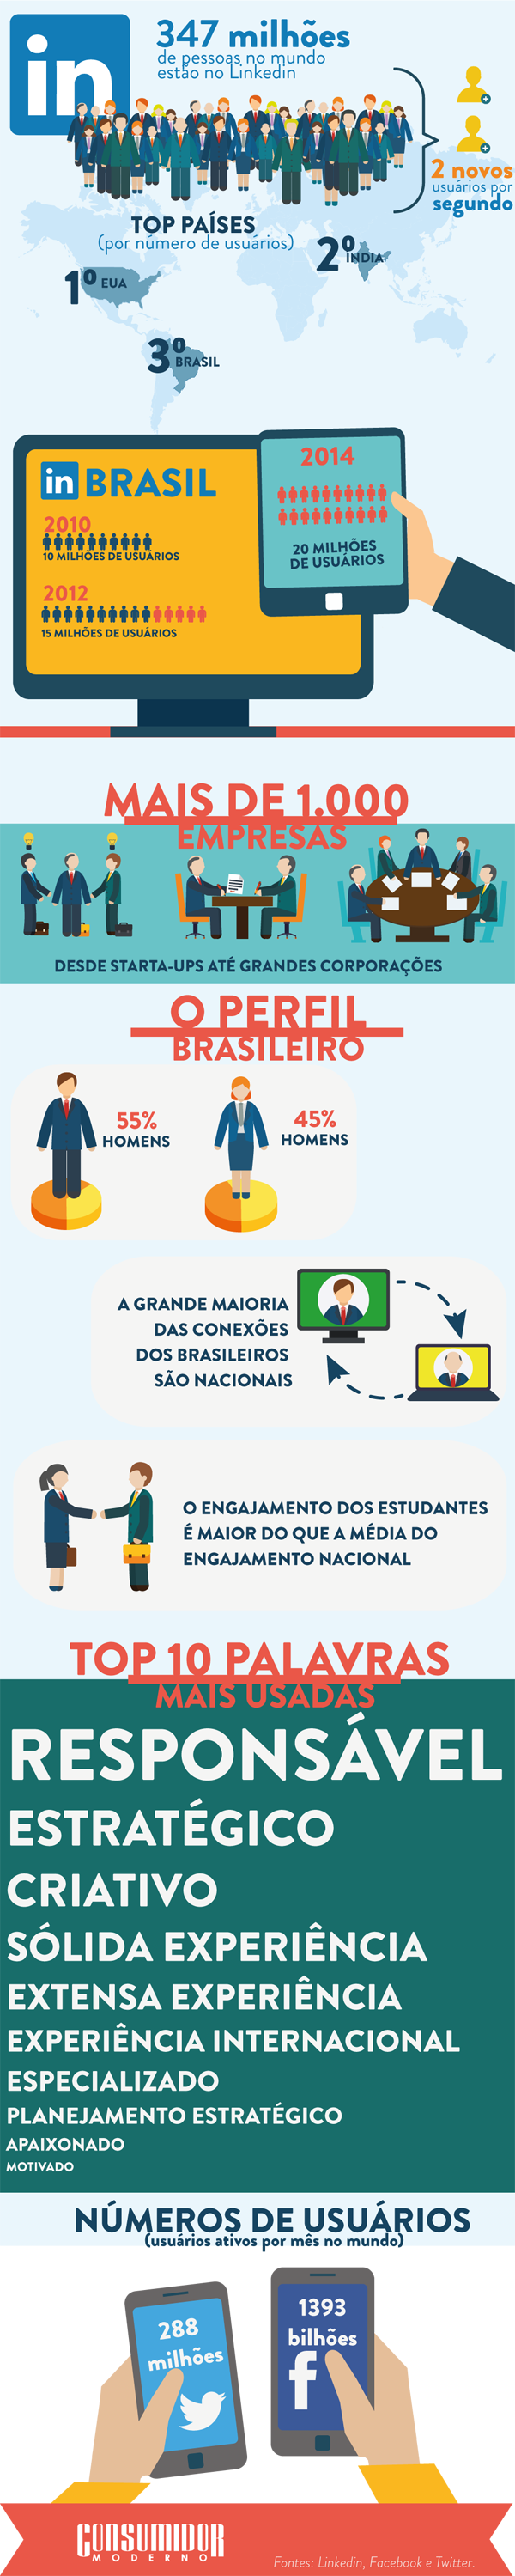 LINKEDIN NO BRASIL: CONHEÇA OS NÚMEROS DA REDE SOCIAL. O LinkedIn superou a marca de 20 milhões de perfis brasileiros, o que coloca o País em terceiro lugar em números de usuários, atrás apenas dos Estados Unidos e da Índia.